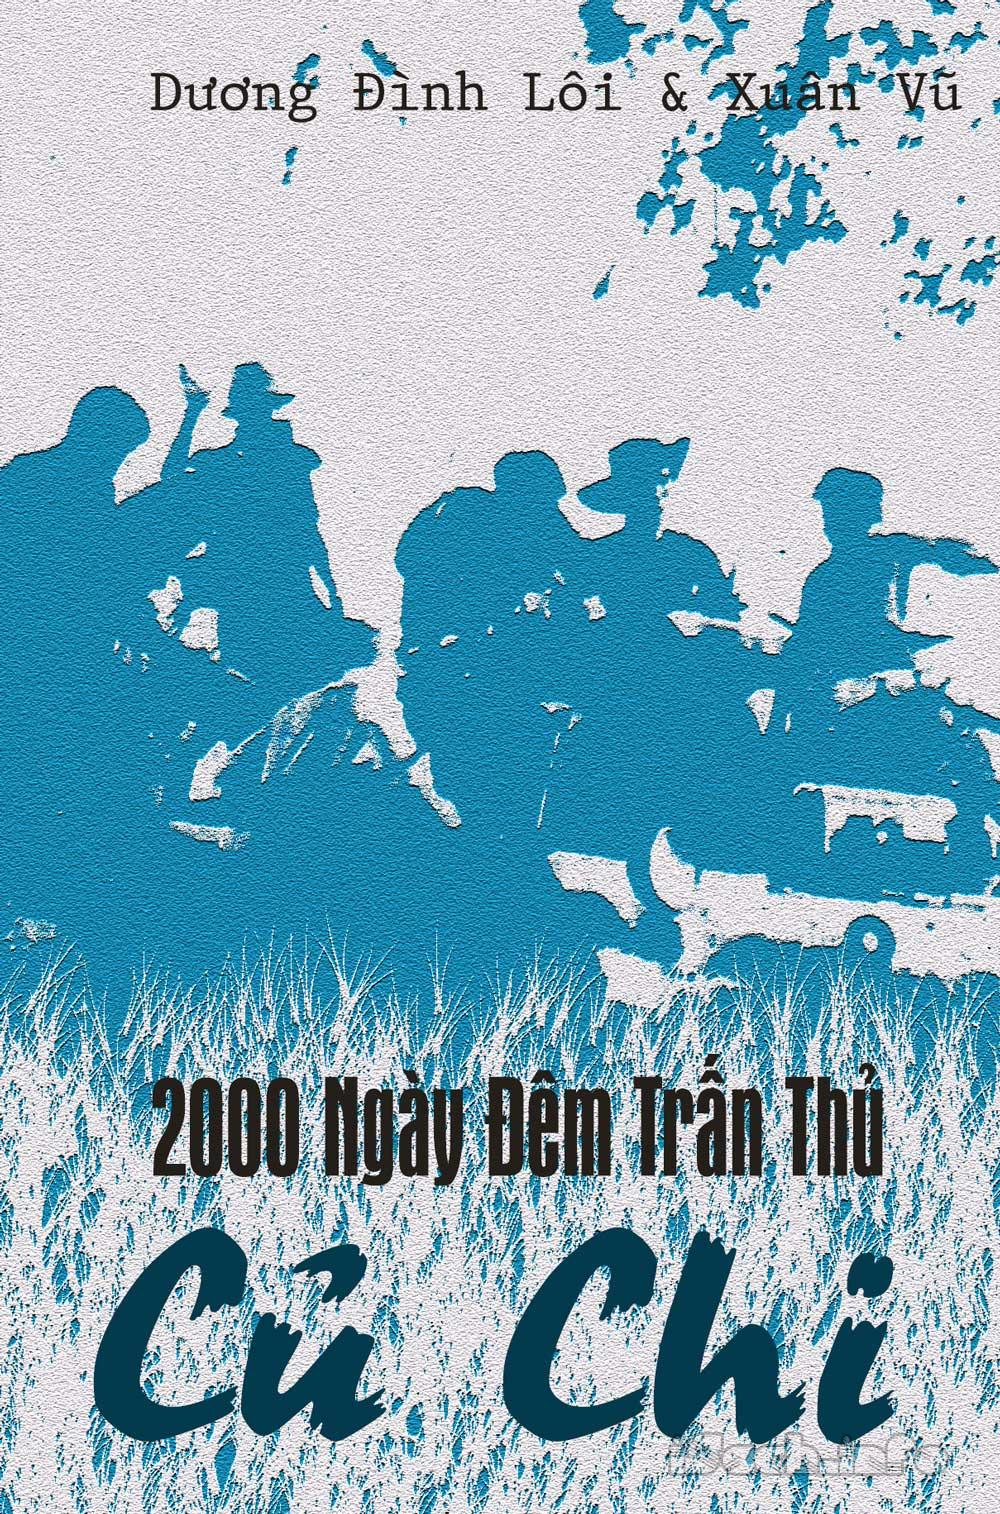 2000 Ngày Đêm Trấn Thủ Củ Chi